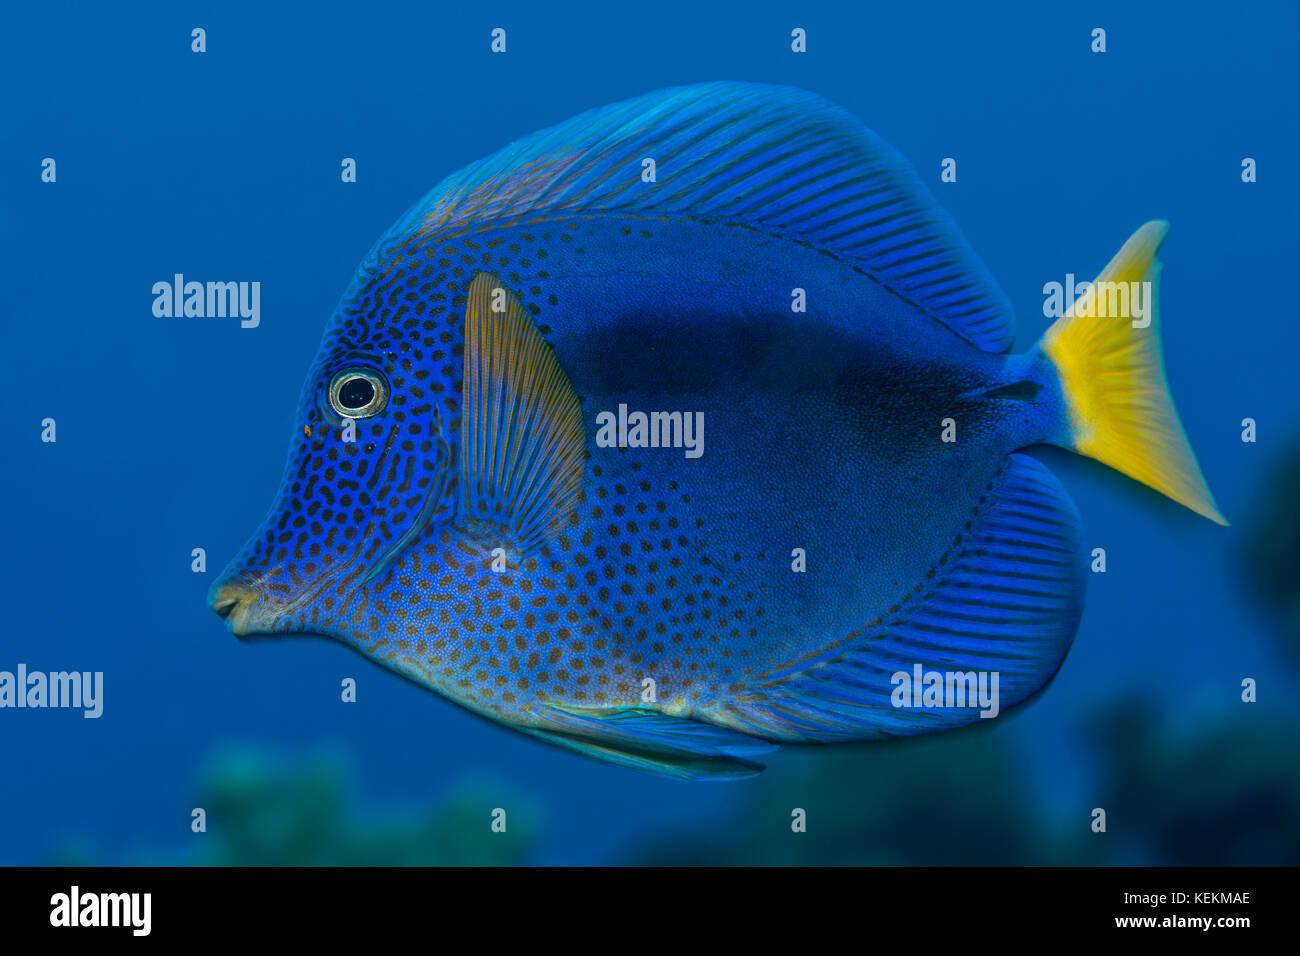 Yellowtail Tang, Zebrasoma xanthurum, Elphinstone Reef, Red Sea, Egypt Stock Photo